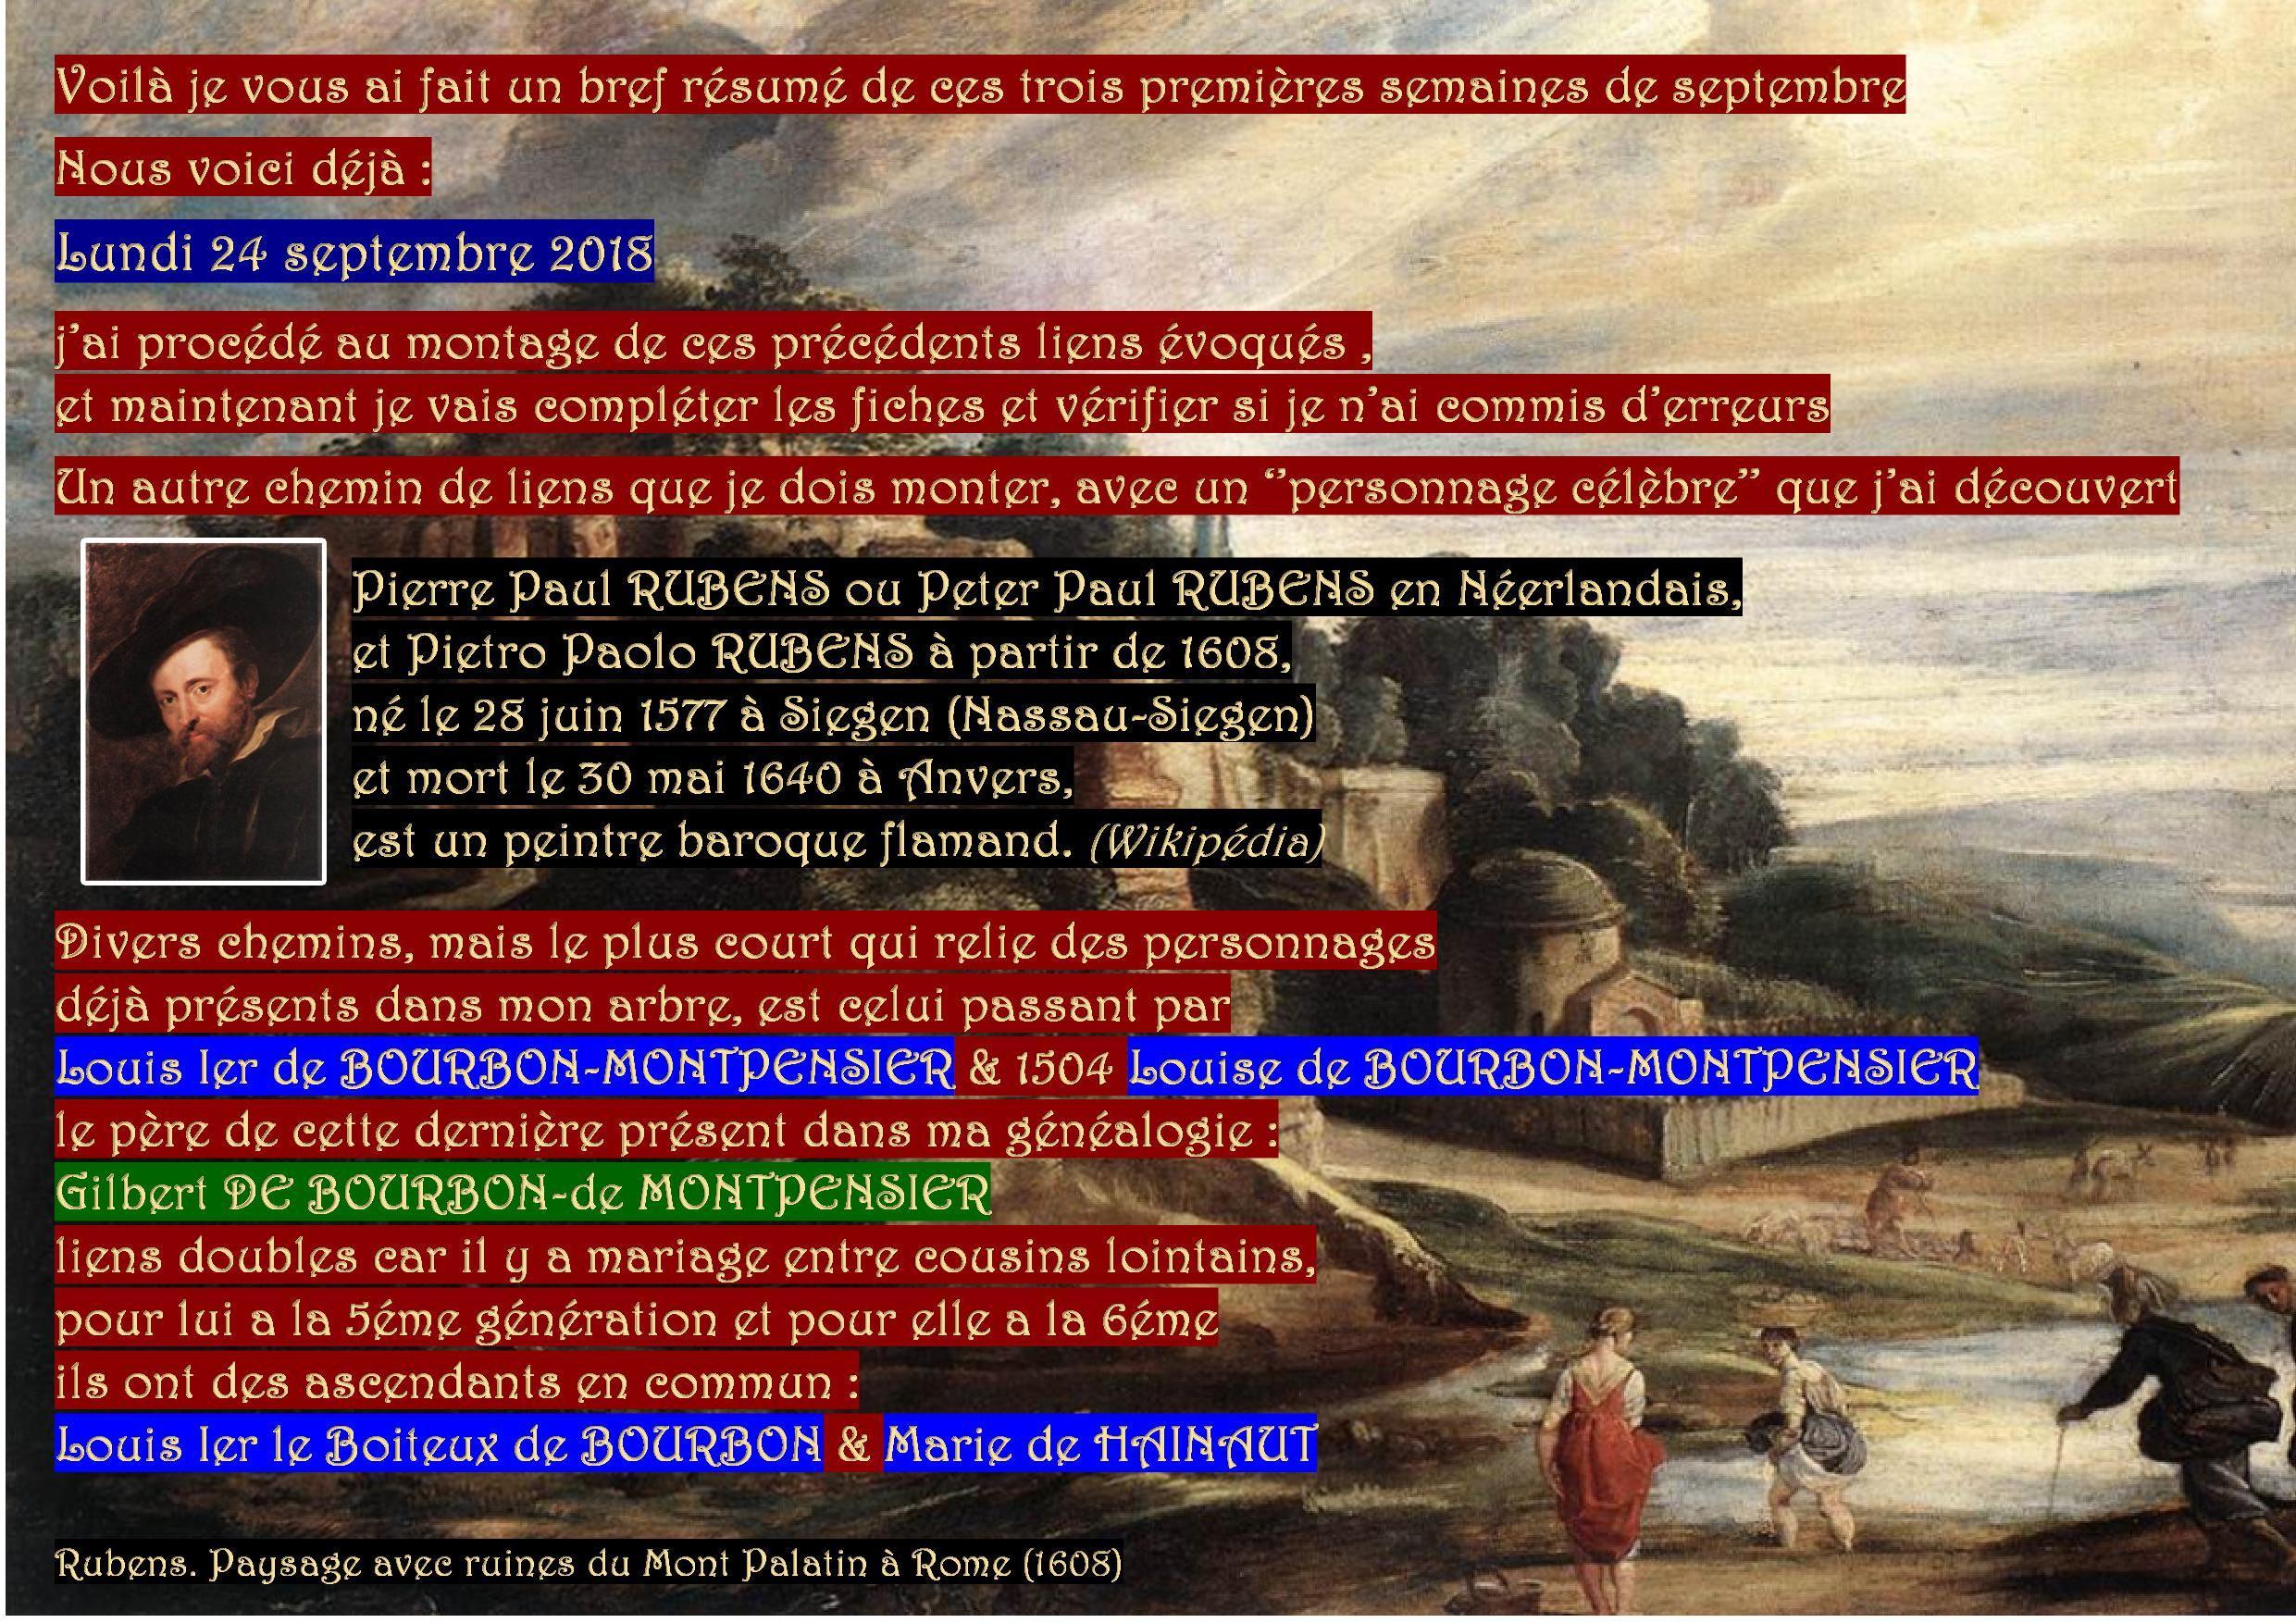 Presentation_de_mes_travaux_genealogiques_du_mois_de_septembre_2018_OK_01_10_201804_001.jpg